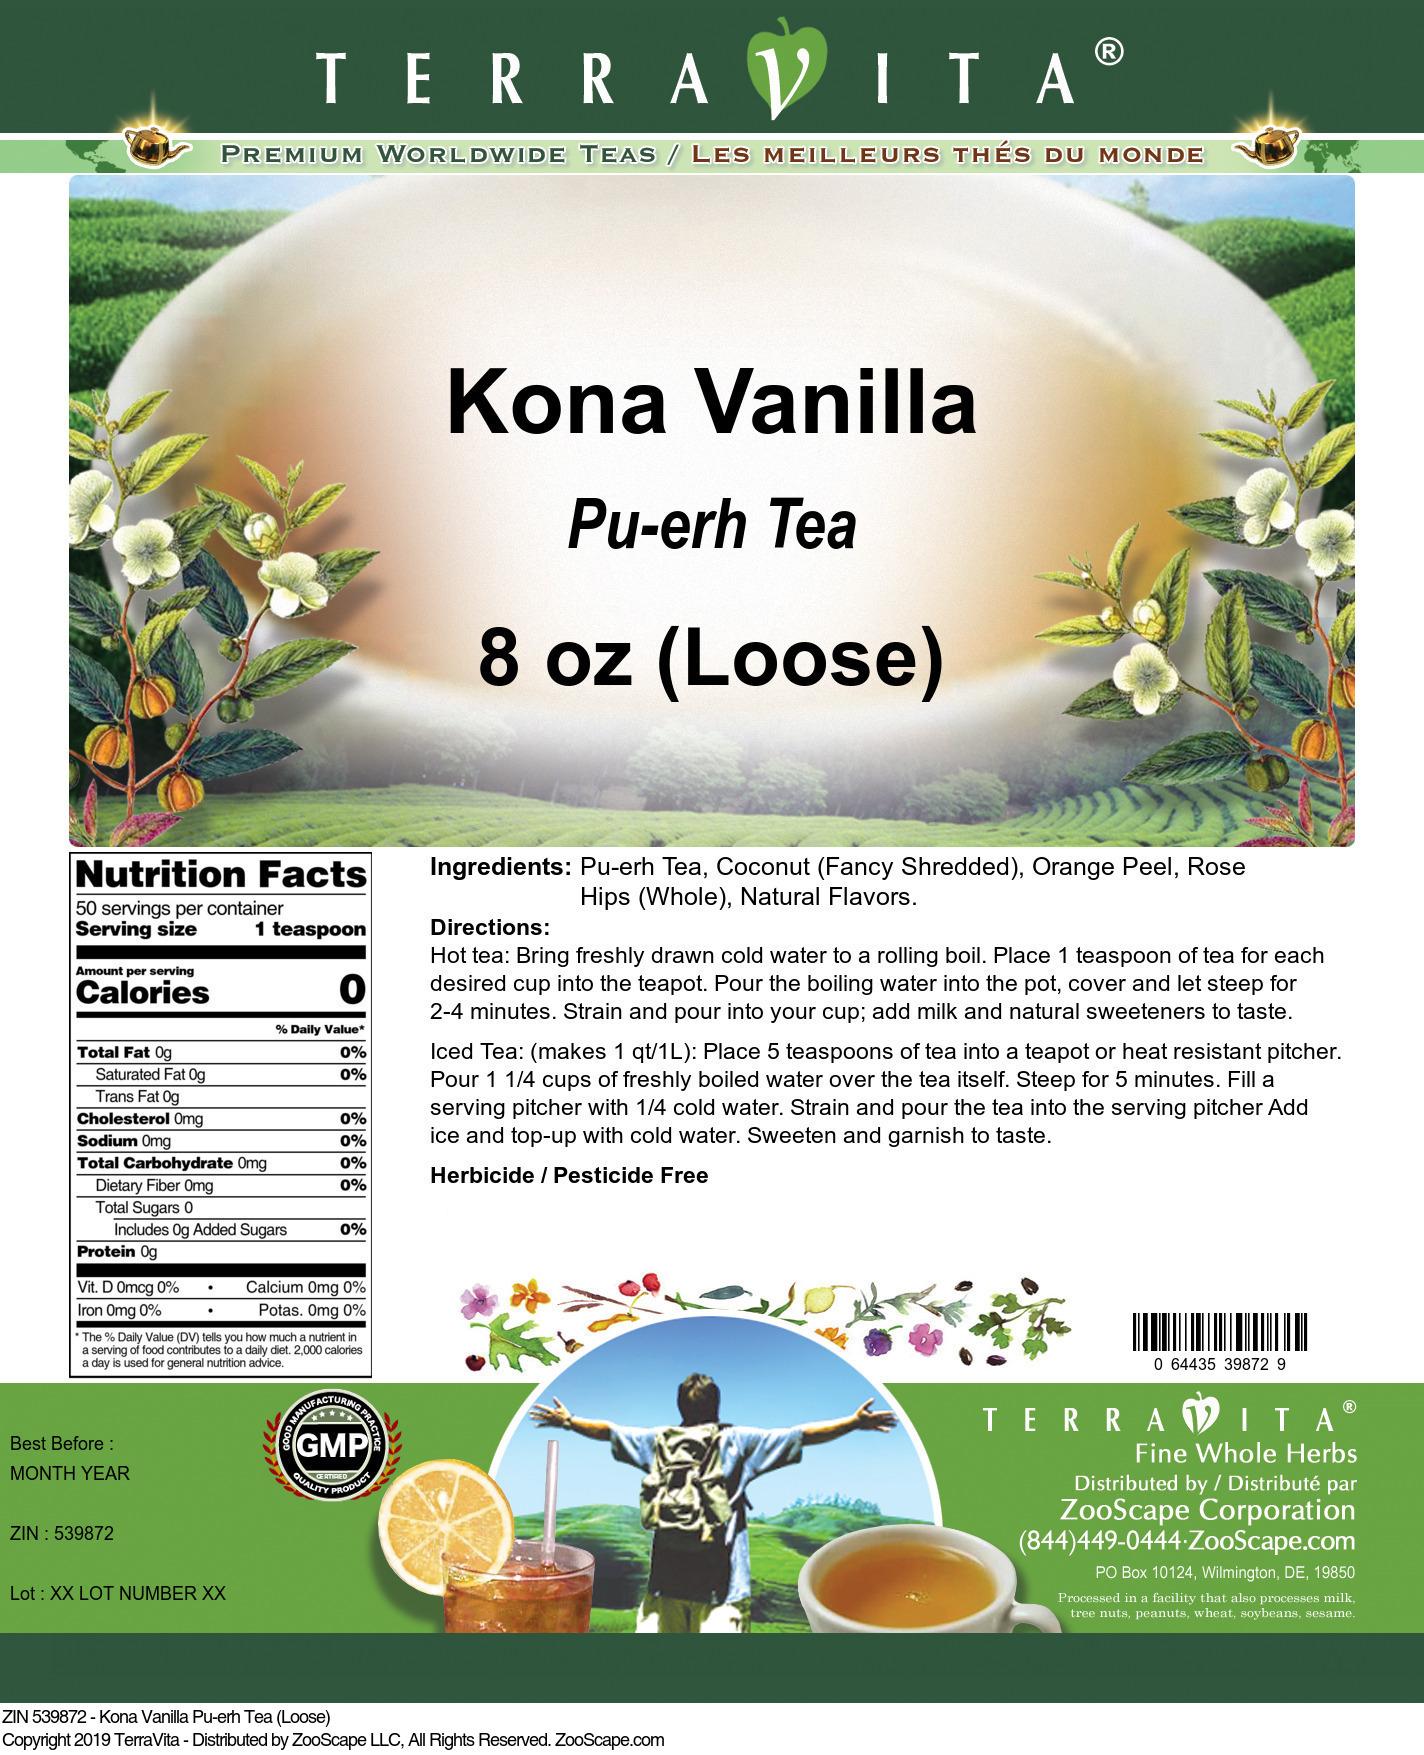 Kona Vanilla Pu-erh Tea